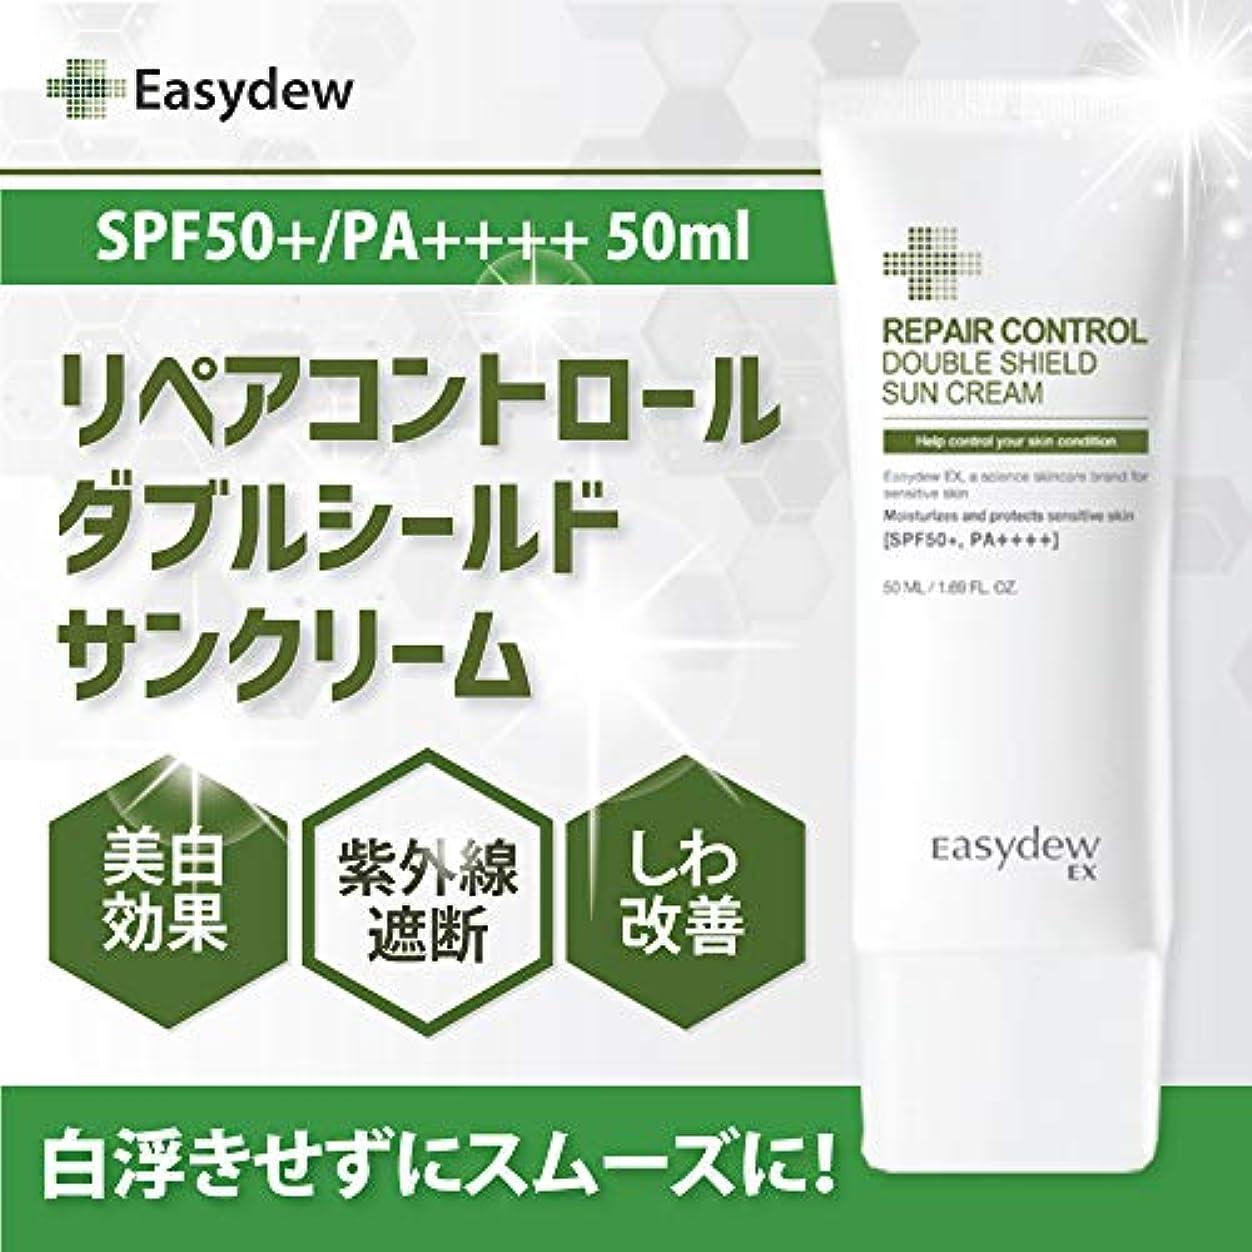 デウン製薬 リペア コントロール ダブル シールド サン?クリーム SPF50+/PA++++ 50ml. Repair Control Double Shild Sun Cream SPF50+/PA++++ 50ml.